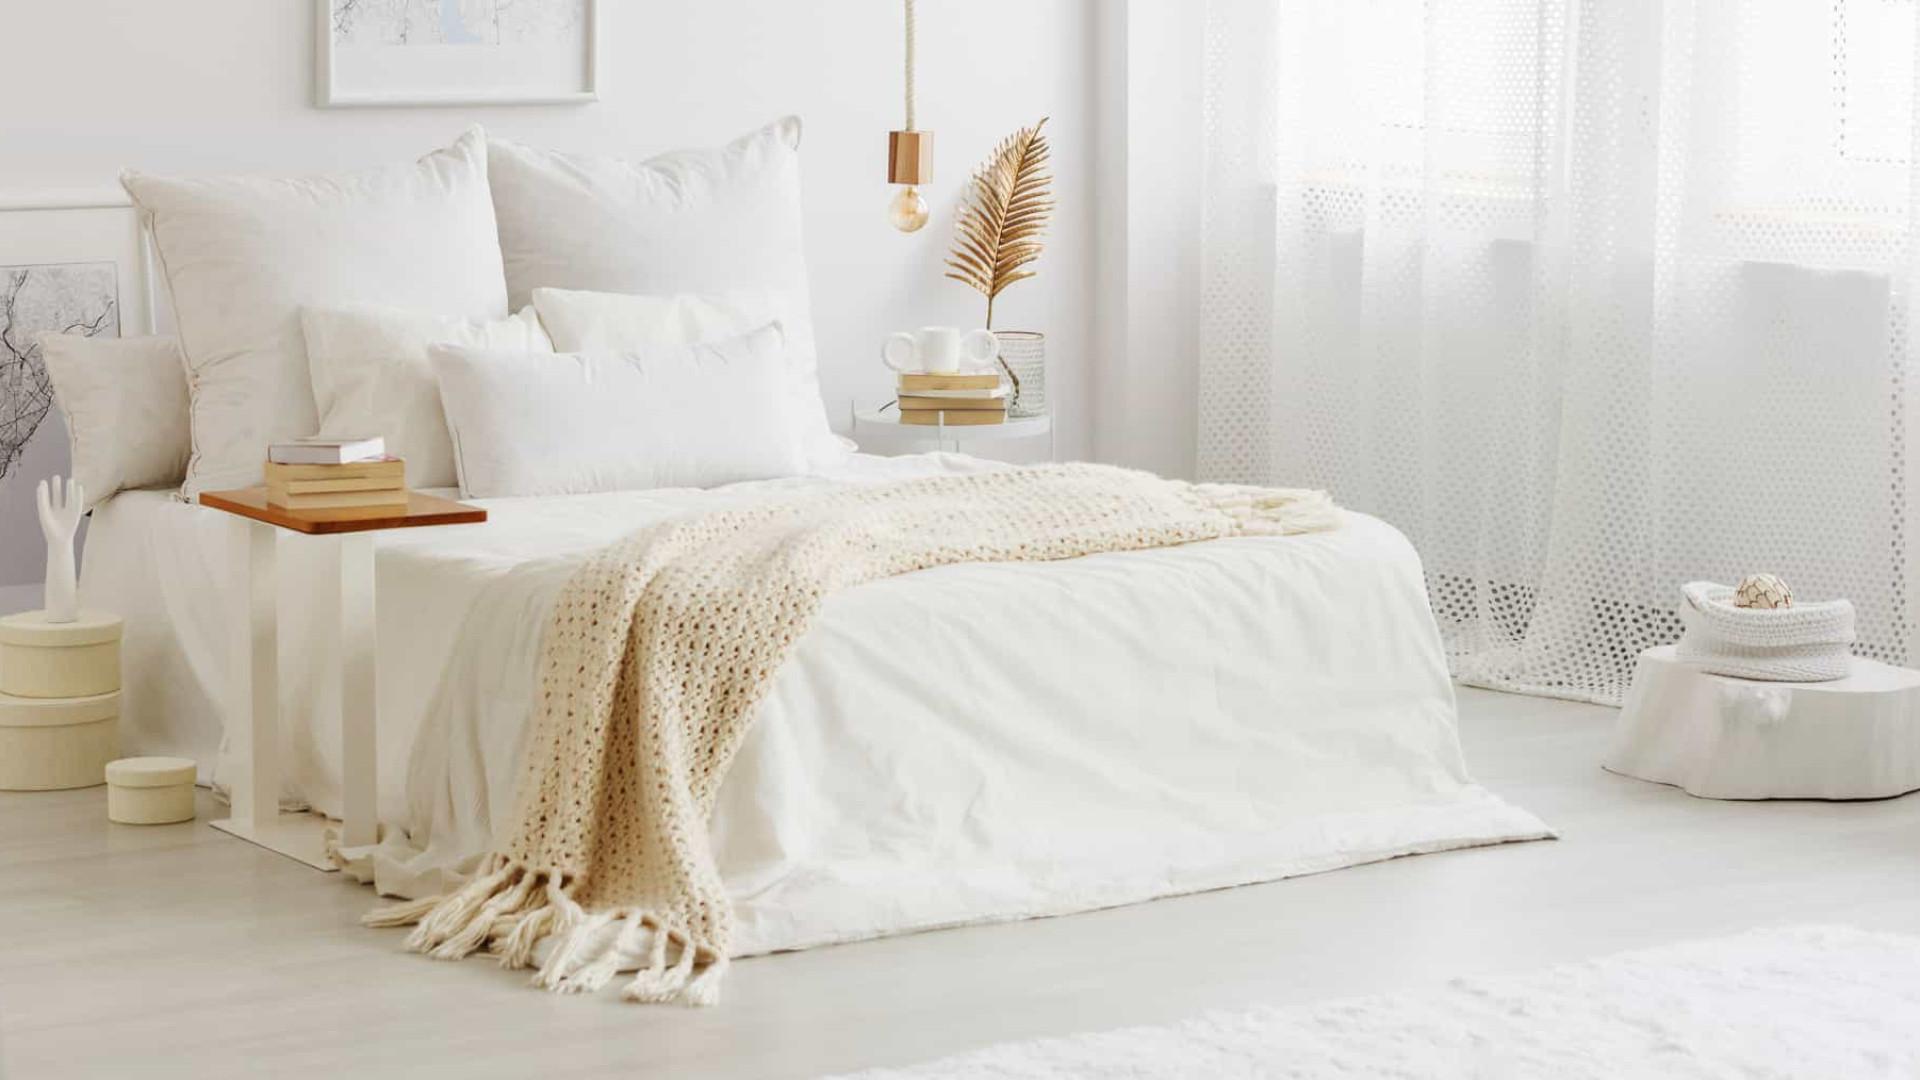 Conheça as dicas de especialistas para decorar o quarto sem gastar muito